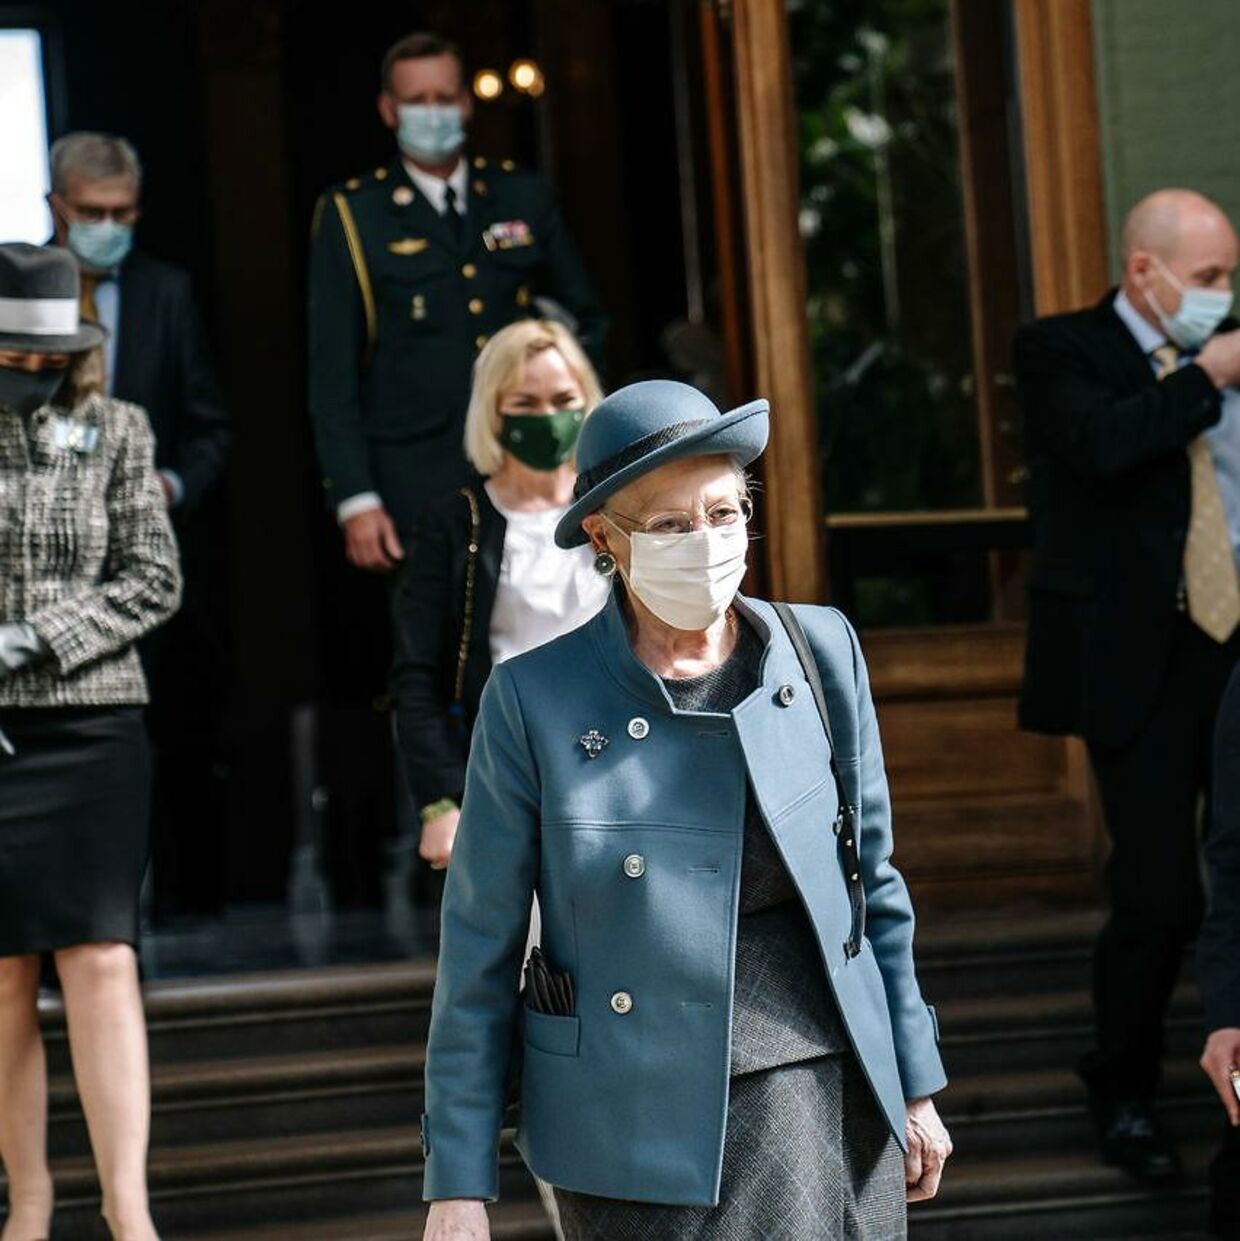 Dronning Margrethe iført mundbind under åbningen af udstillingen 'Auguste Rodin – Forskydninger' på Glyptoteket.